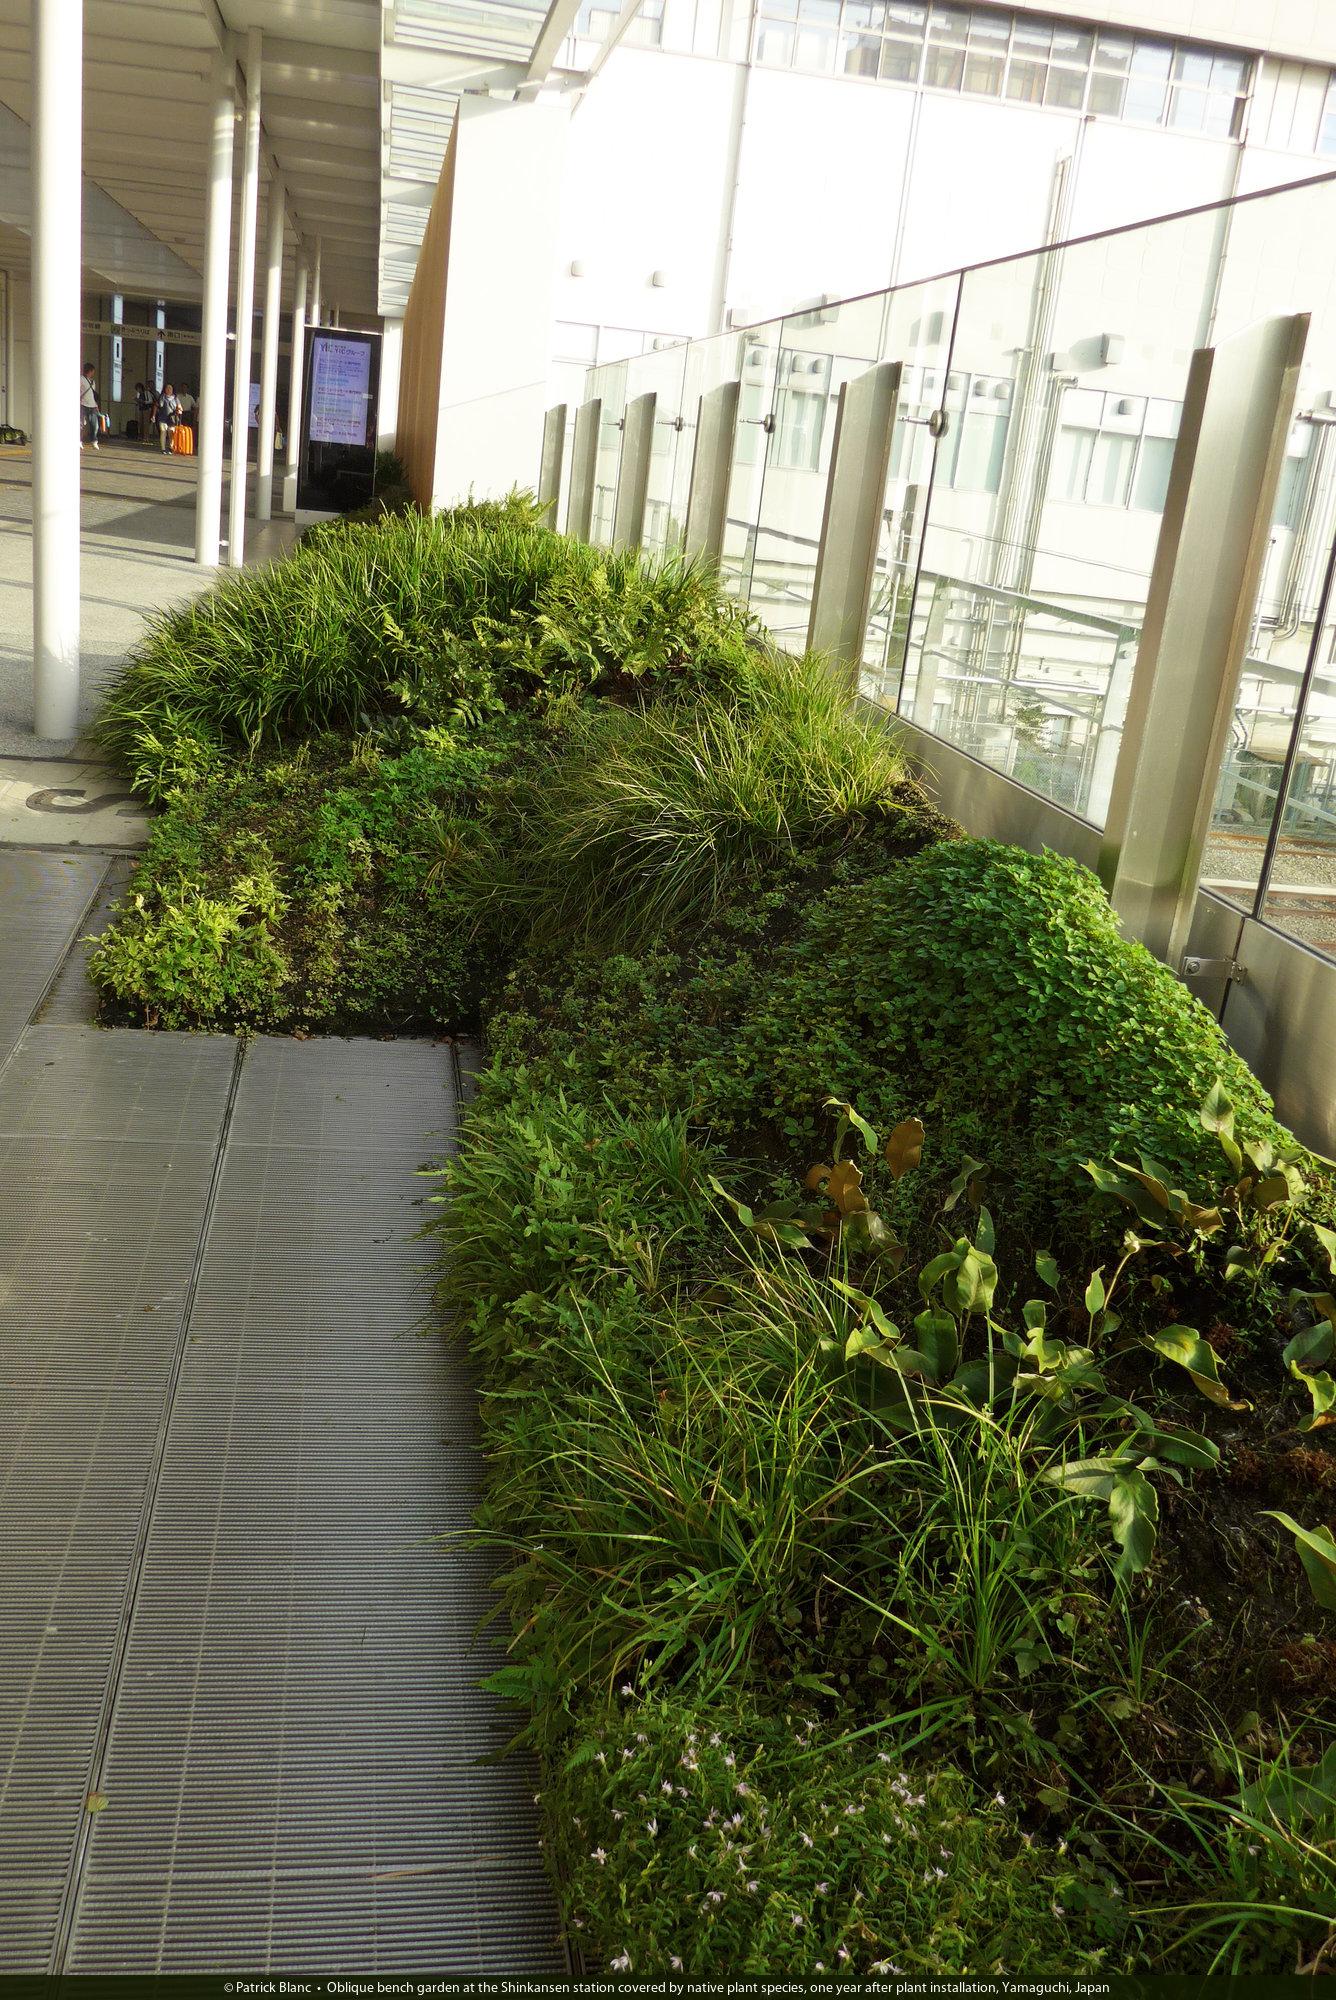 Swell Shin Yamaguchi Station Vertical Garden Patrick Blanc Short Links Chair Design For Home Short Linksinfo